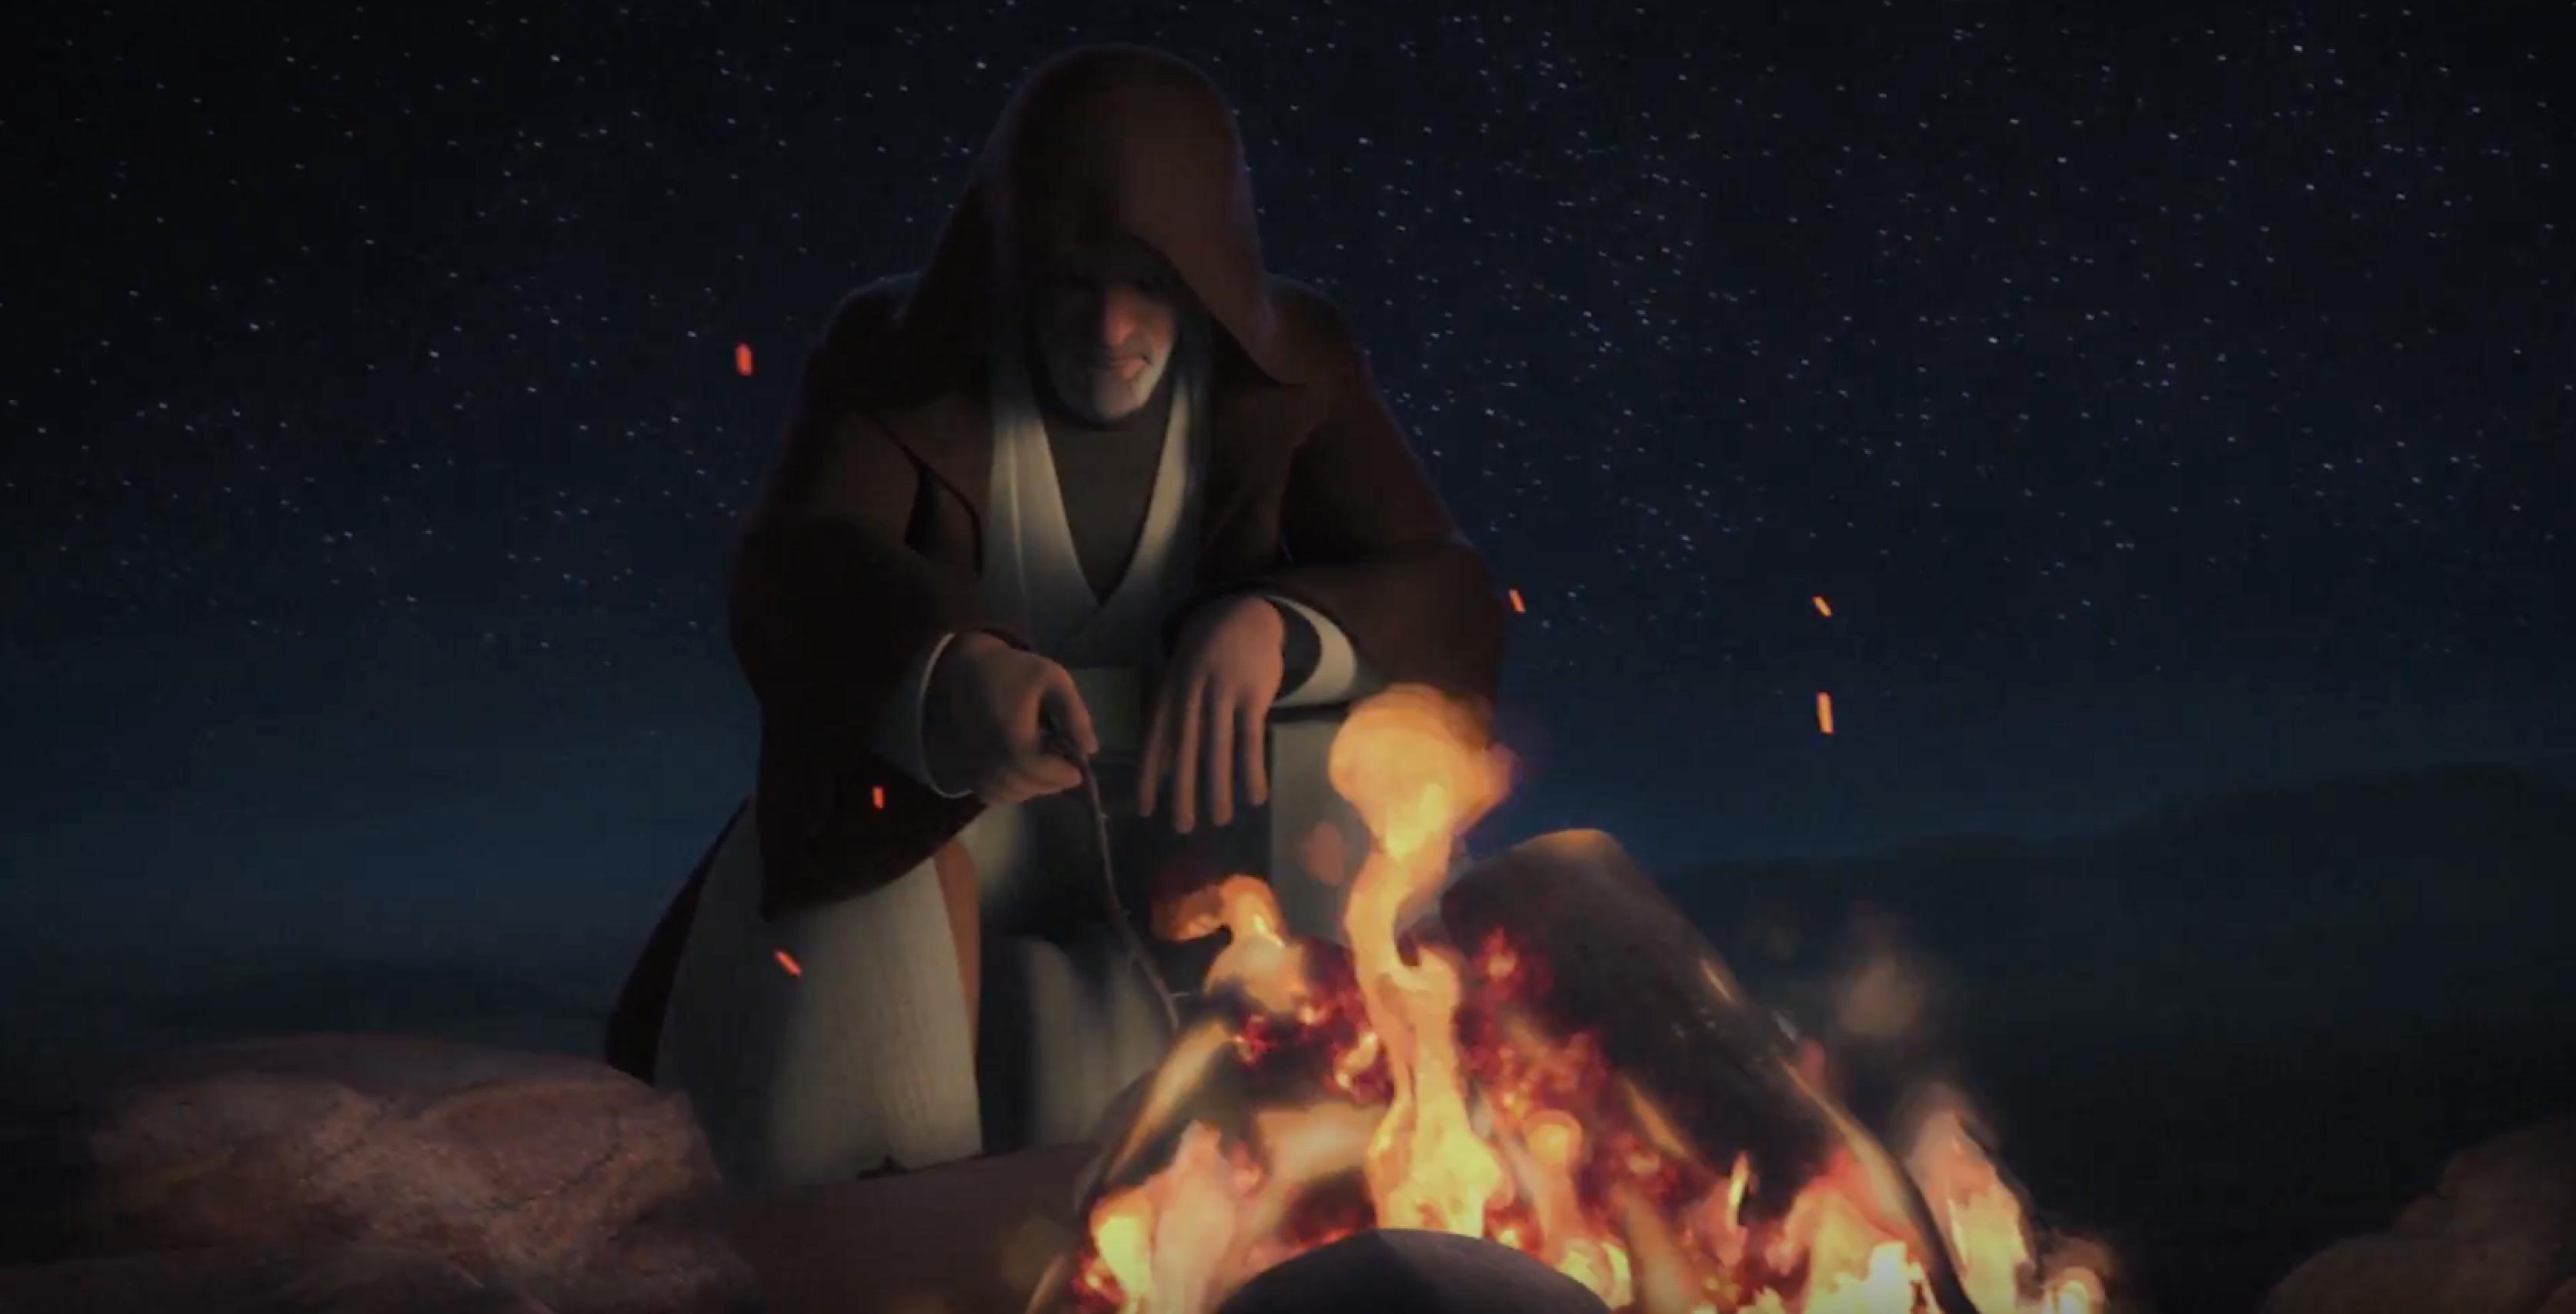 Star wars 3 the movie trailer